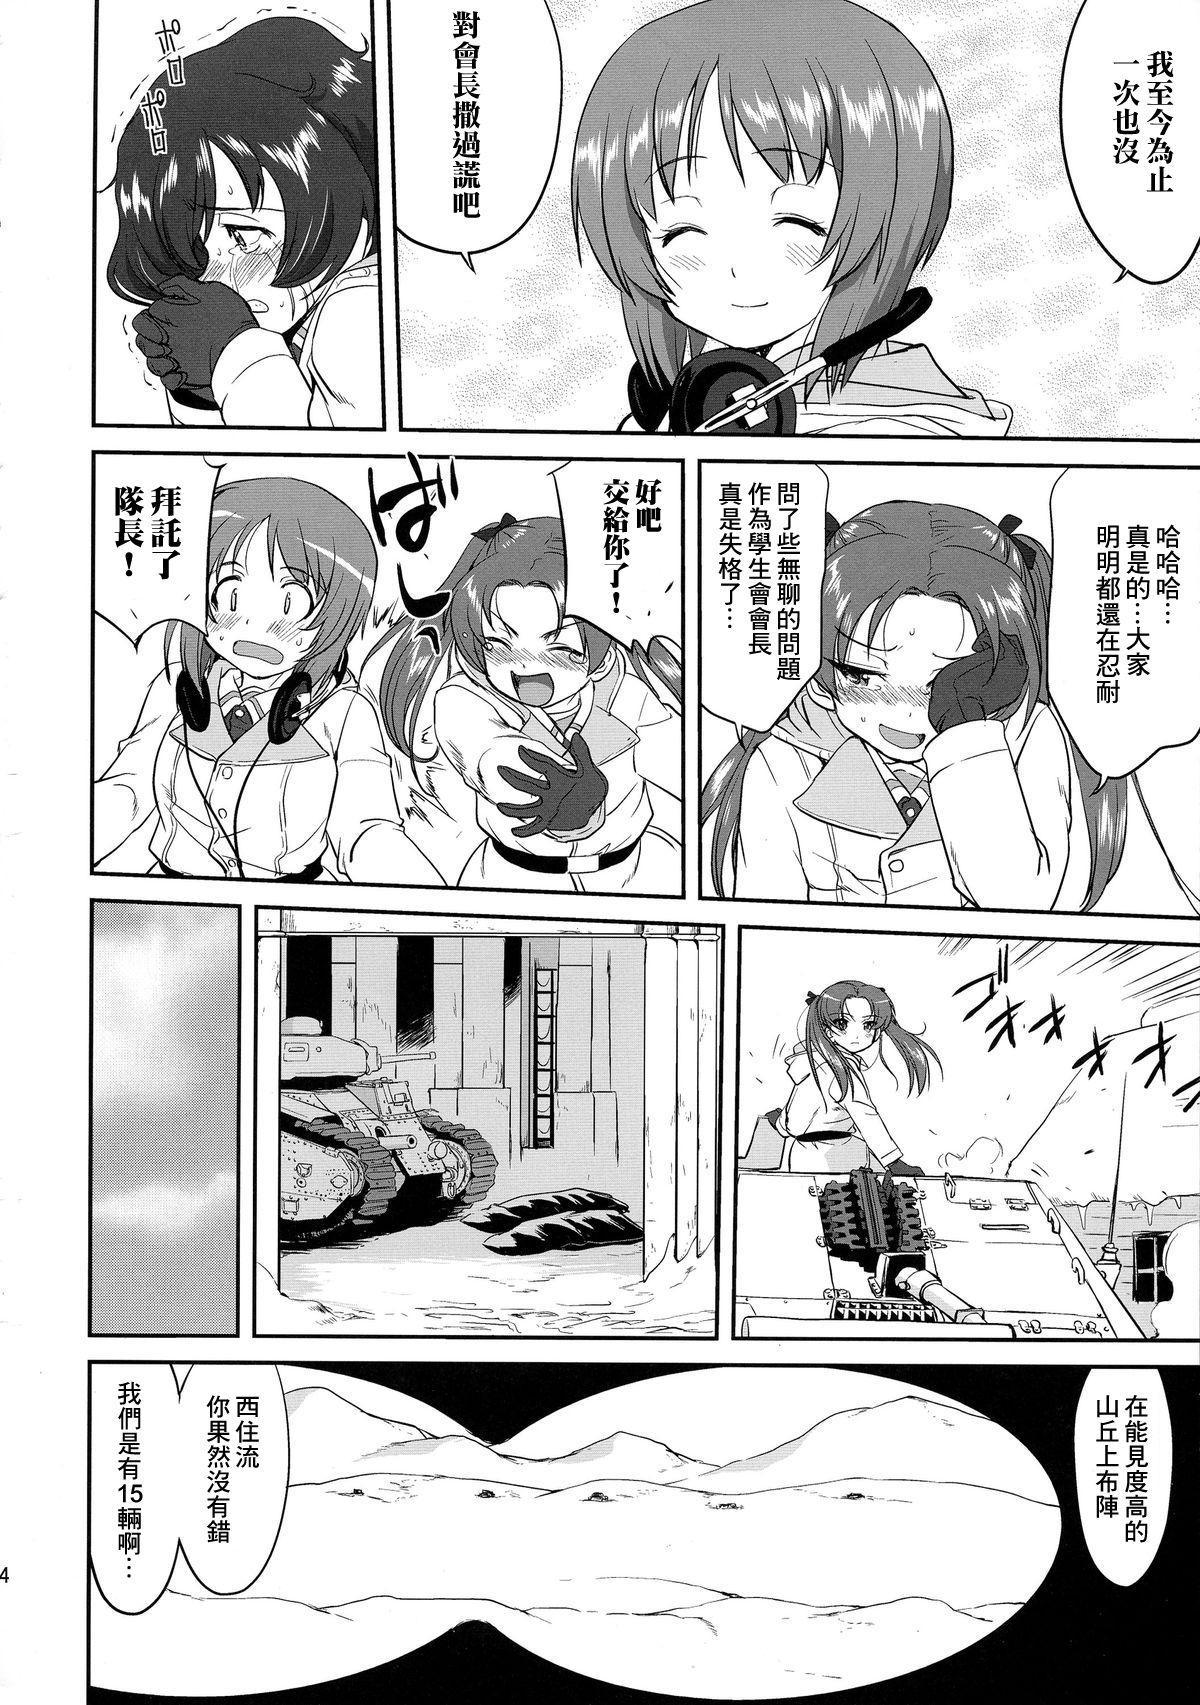 Yukiyukite Senshadou Battle of Pravda 43